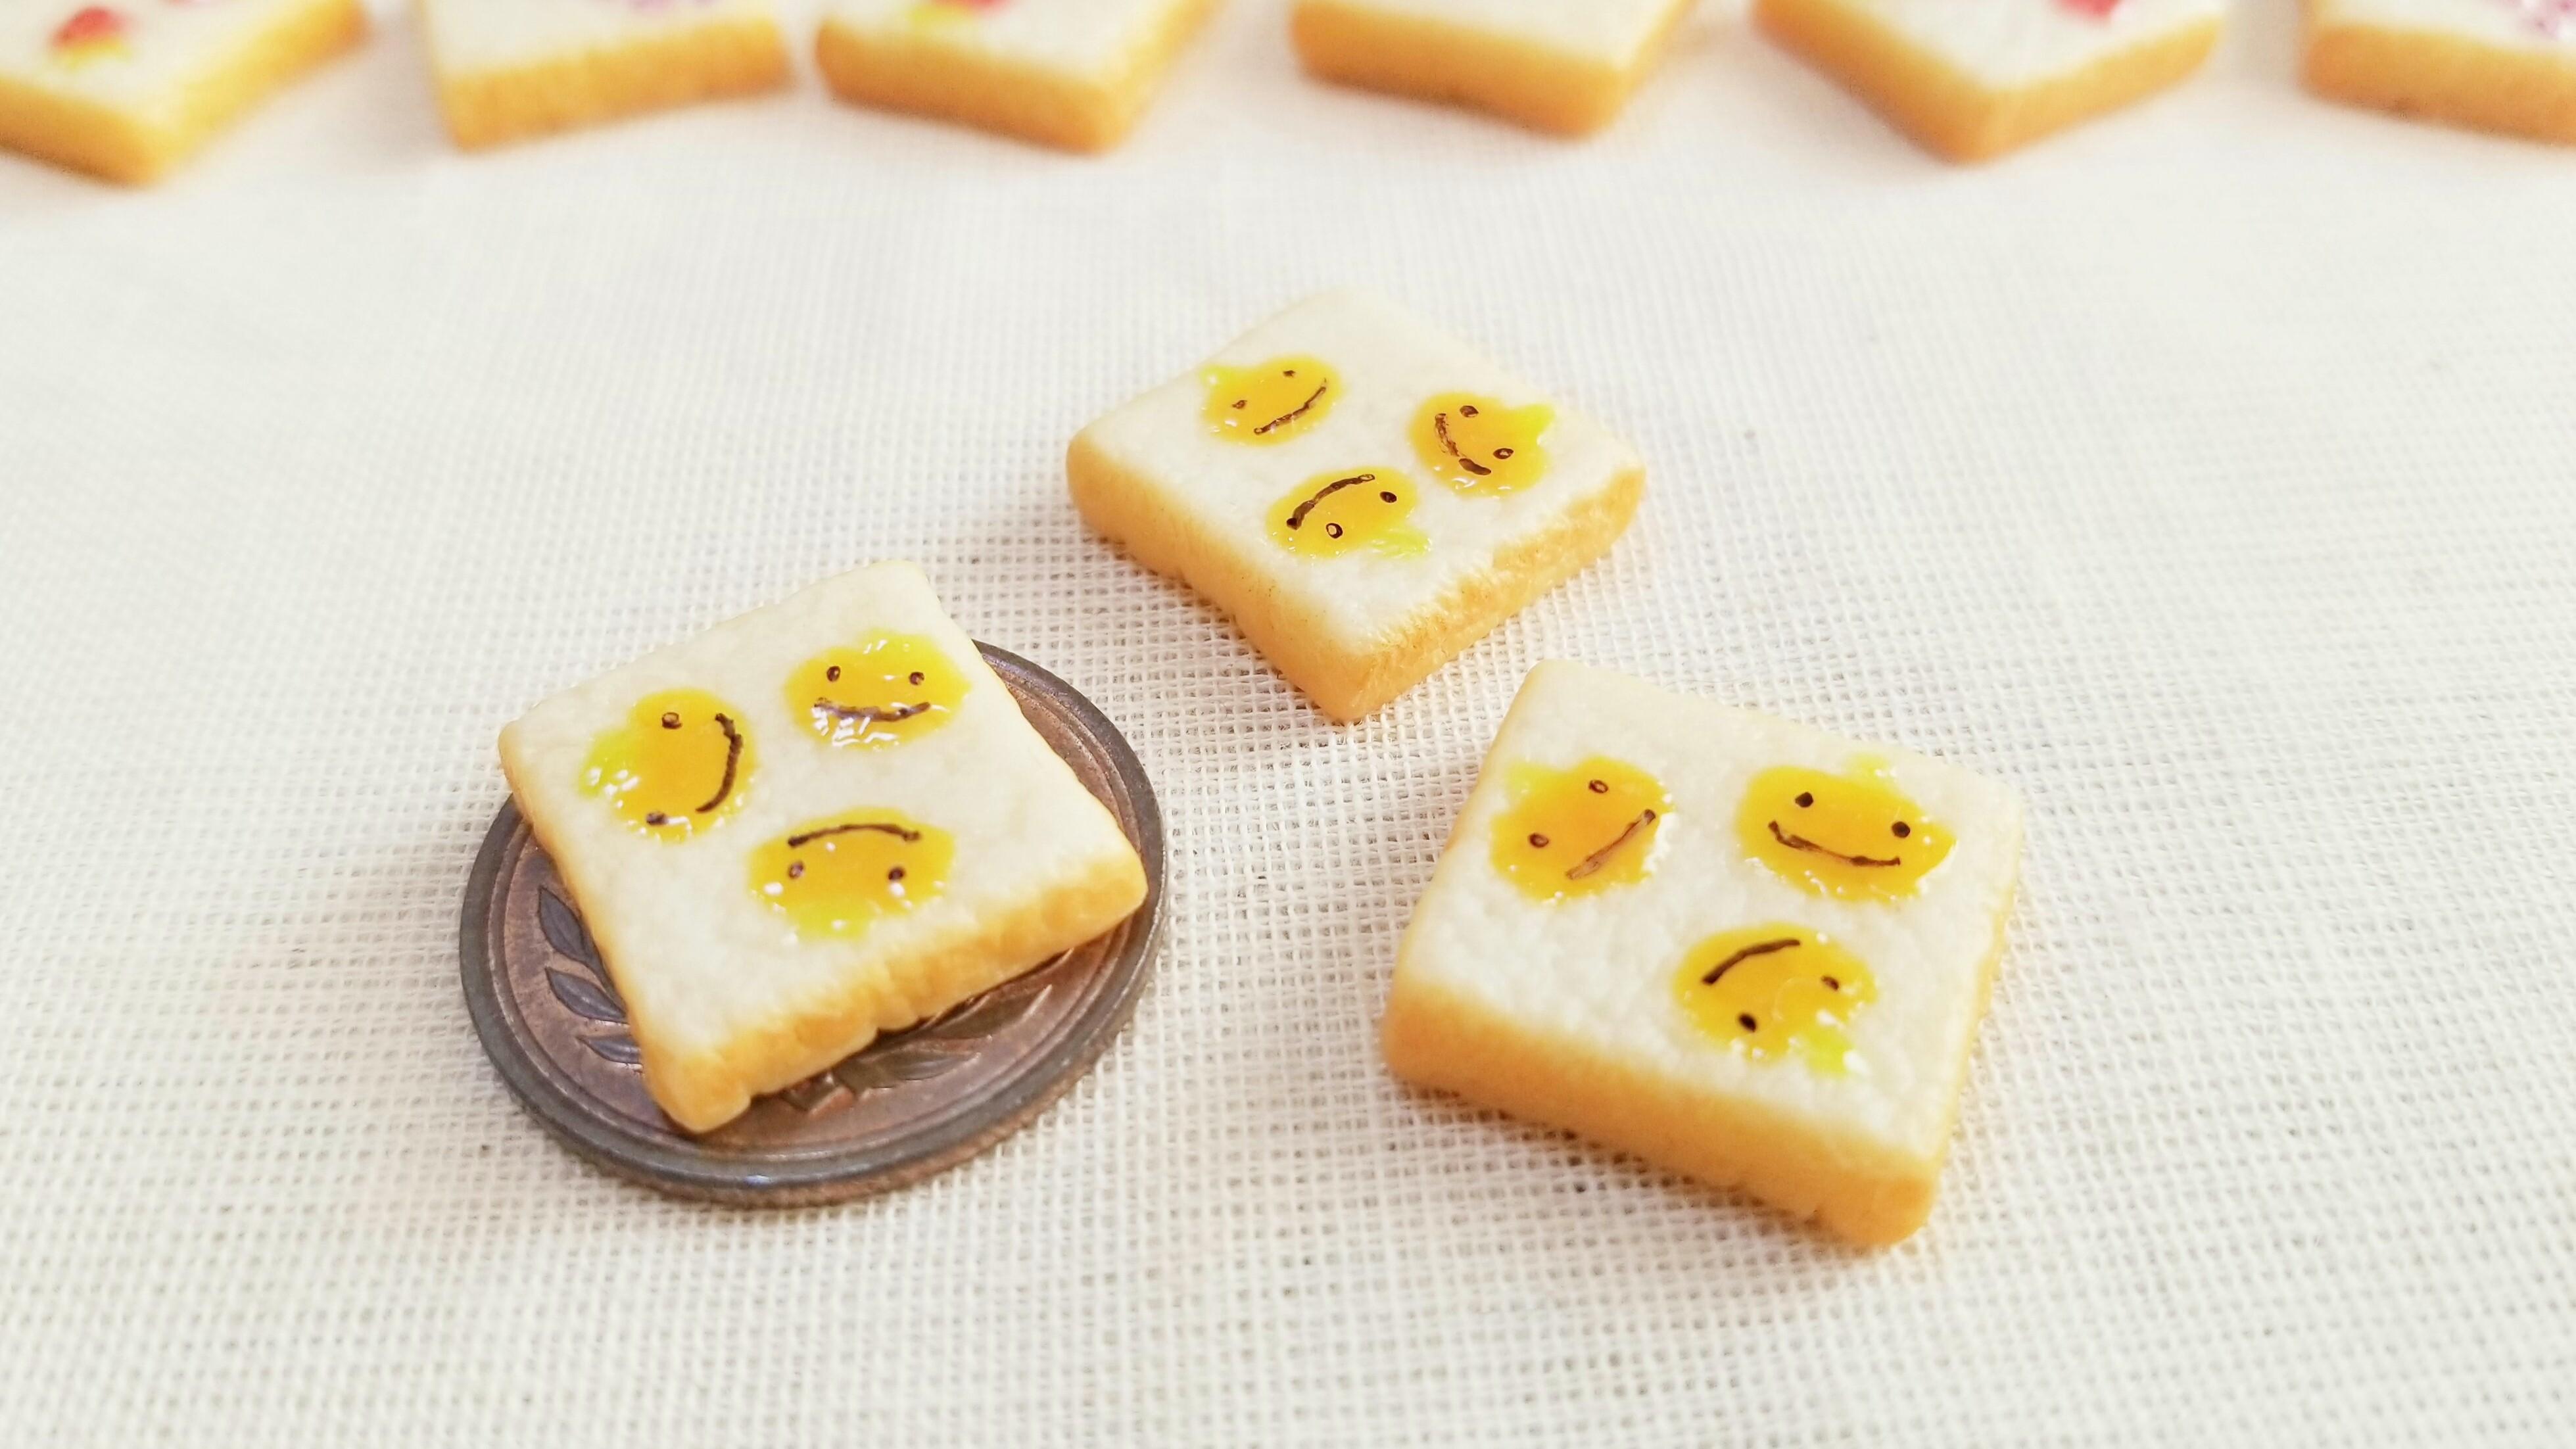 ミニチュアフードかわいい柄トースト自作手作り食パンアート作品人気